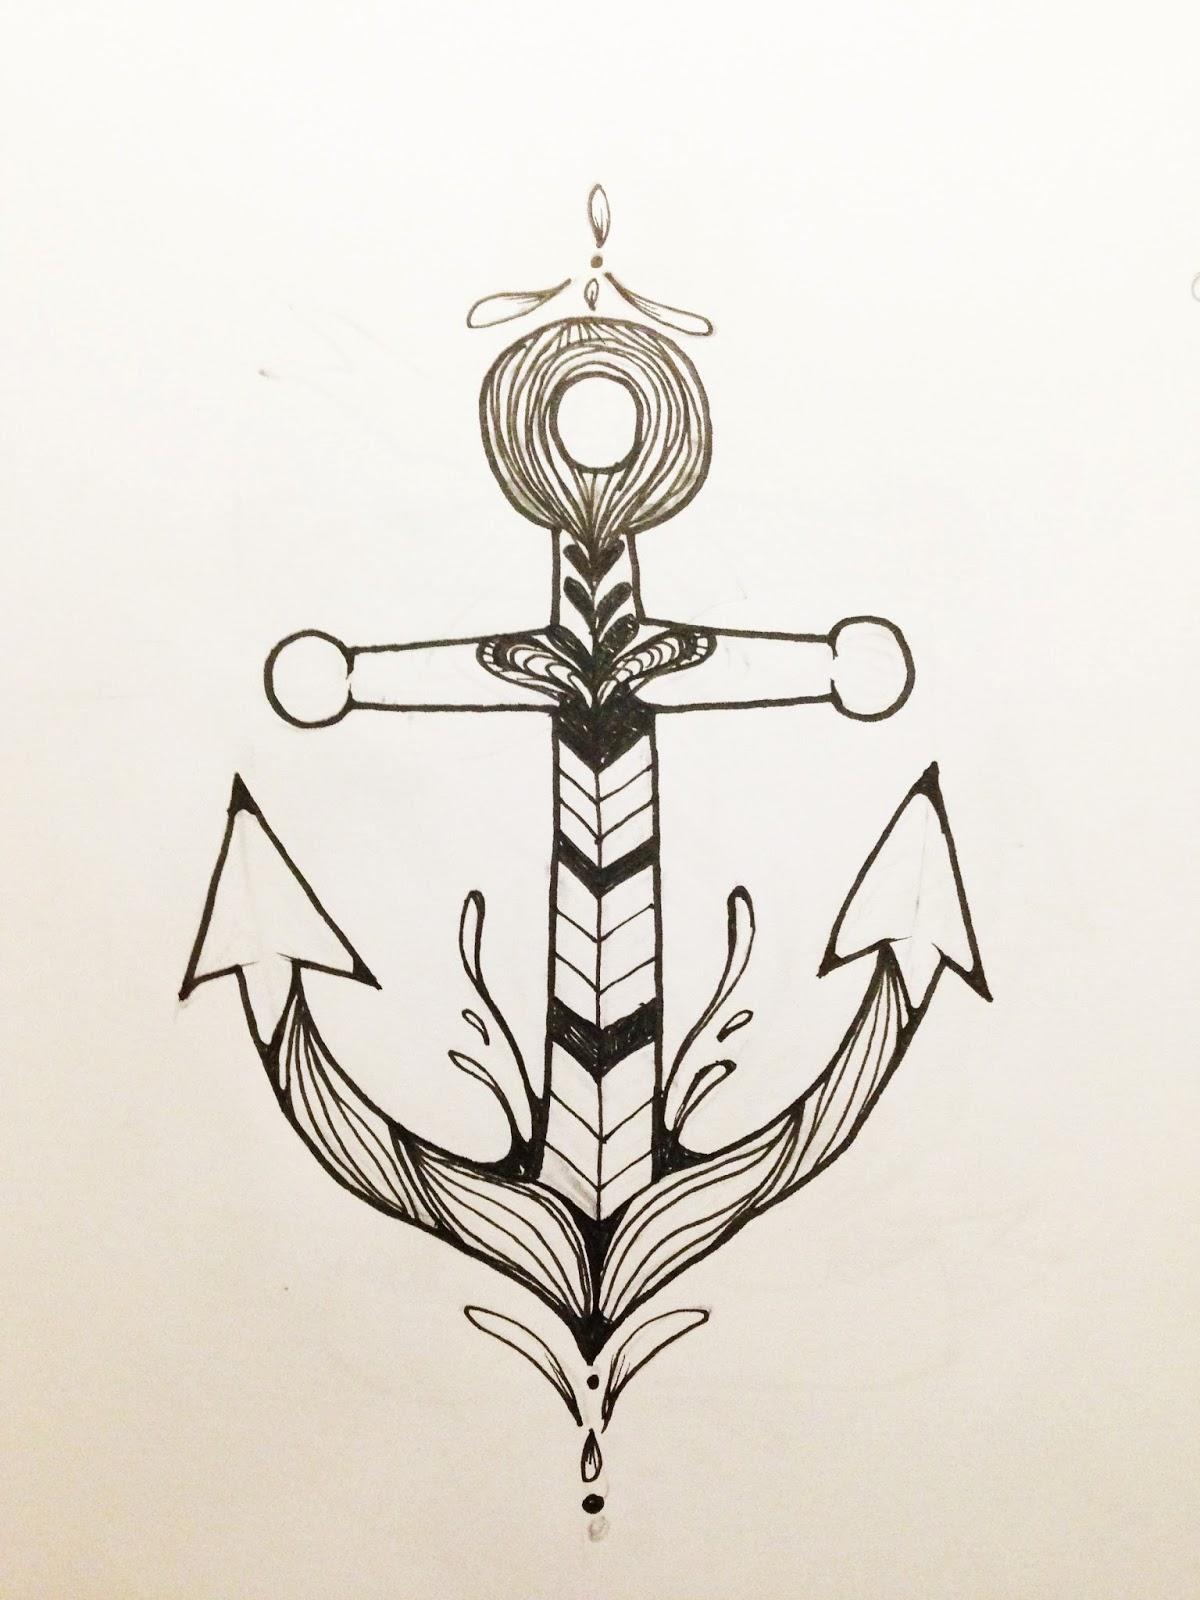 soniaviento dise o de ancla para tattoo